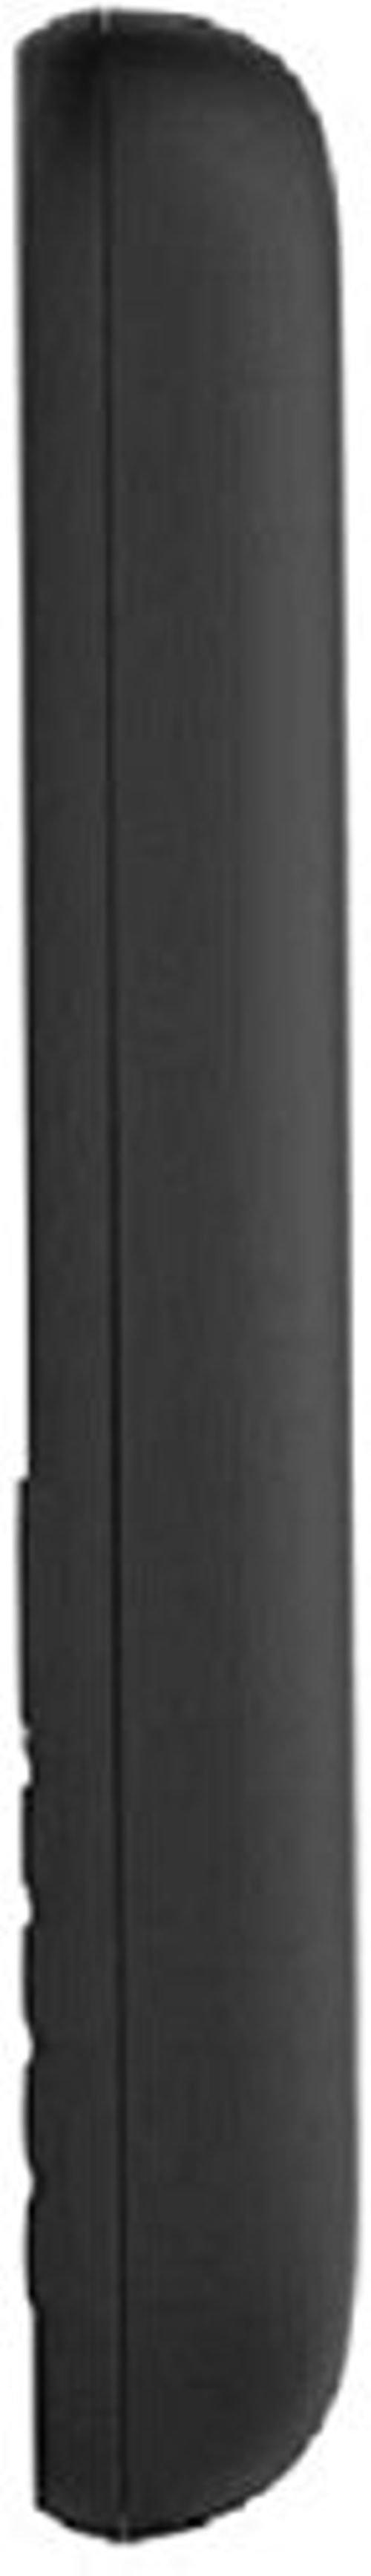 هاتف نوكيا 105 بشريحتين، الجيل الثاني، بذاكرة داخلية 4 ميجابايت، أسود